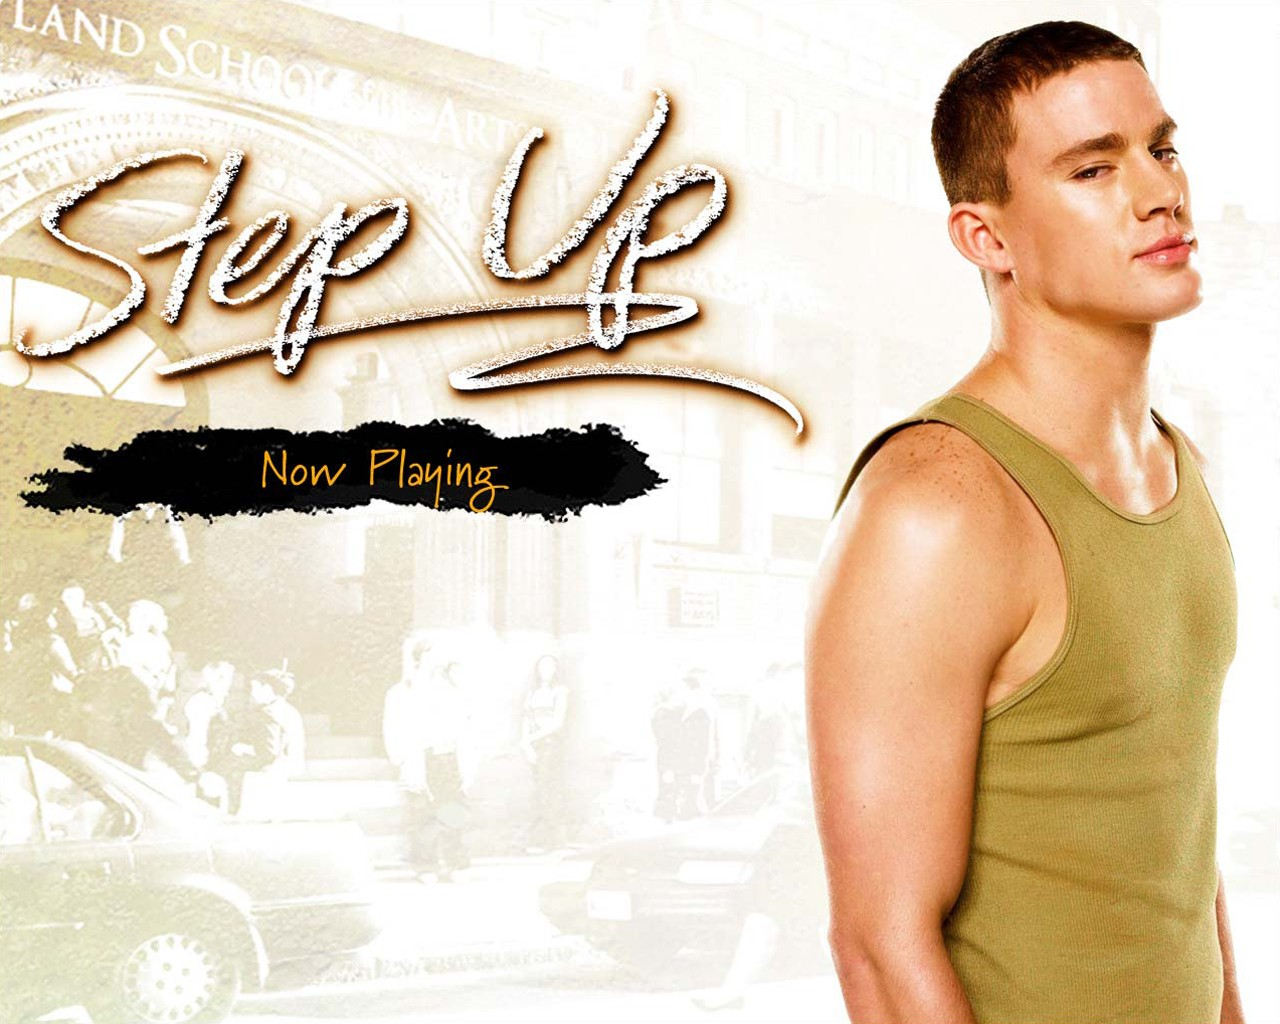 Wallpaper di Channing Tatum per il film Step Up